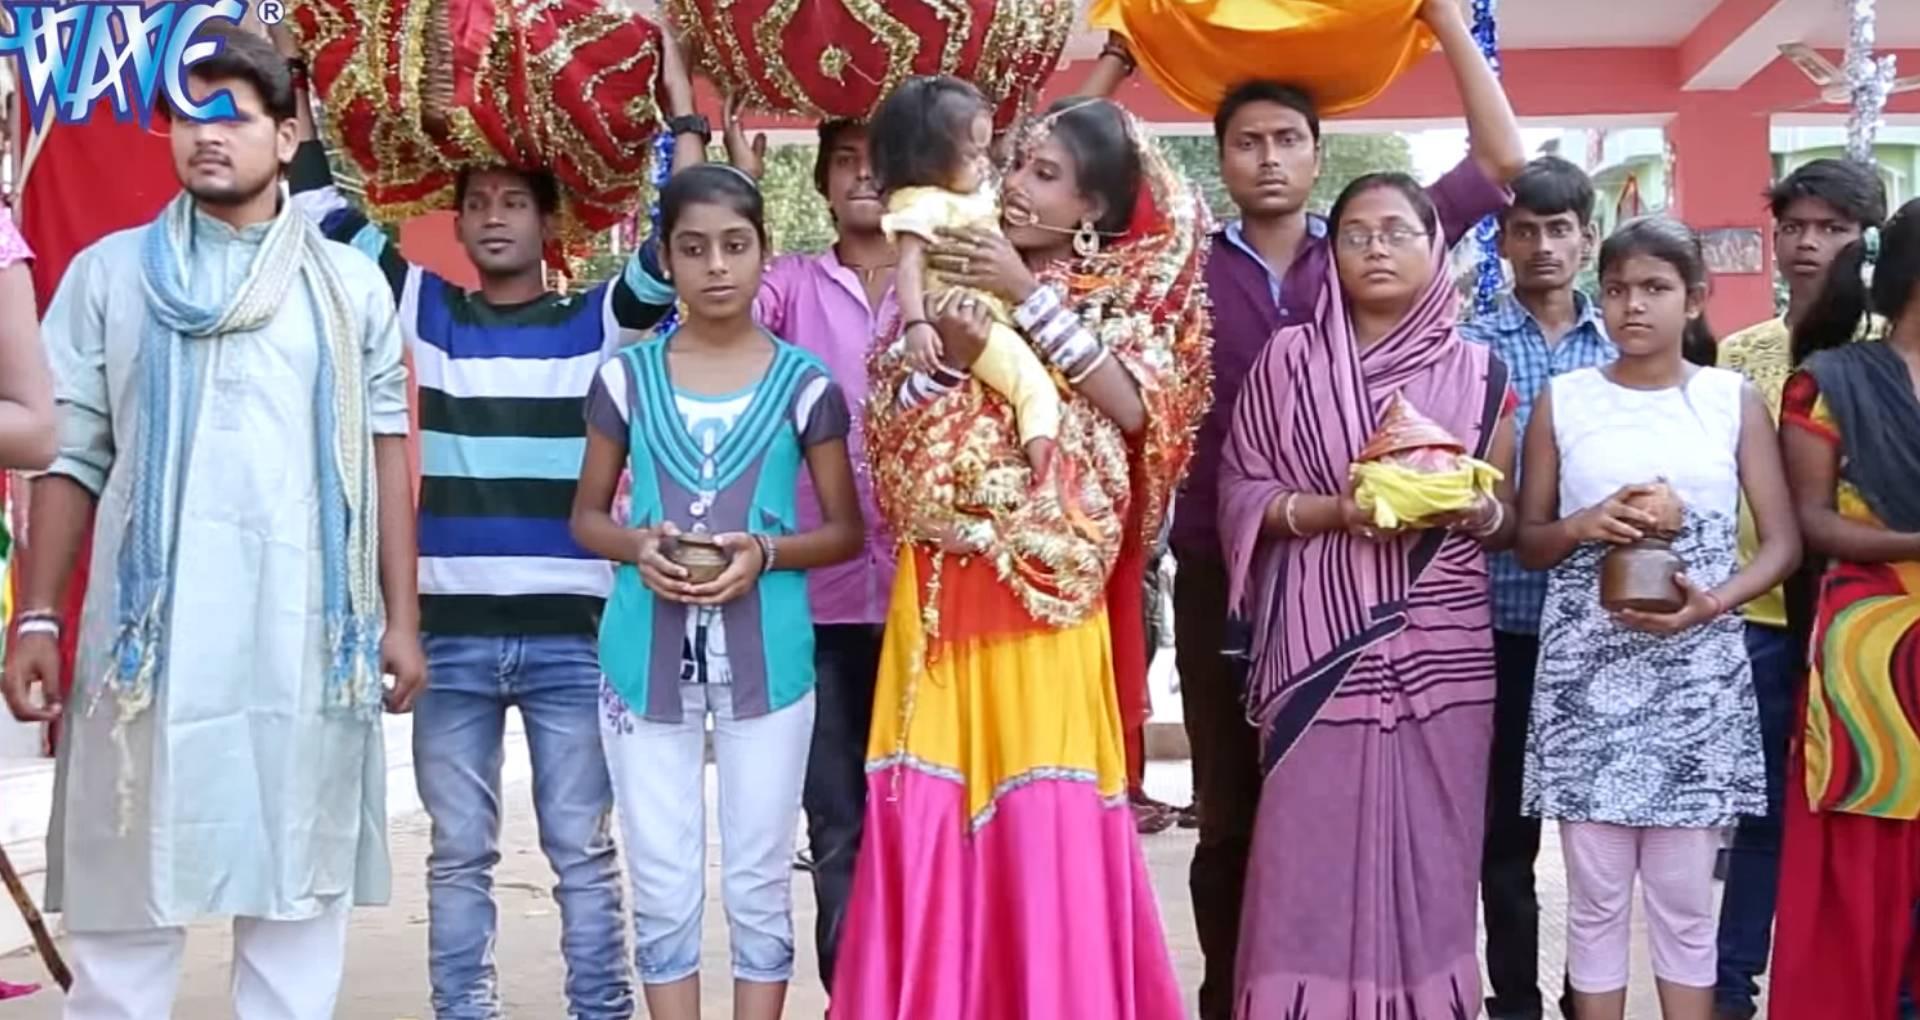 Chhath Geet 2019: शहरी पत्नी ने पहली बार रखा छठ व्रत, तो पवन सिंह छठी मईया से कर रहे हैं ये प्रार्थना